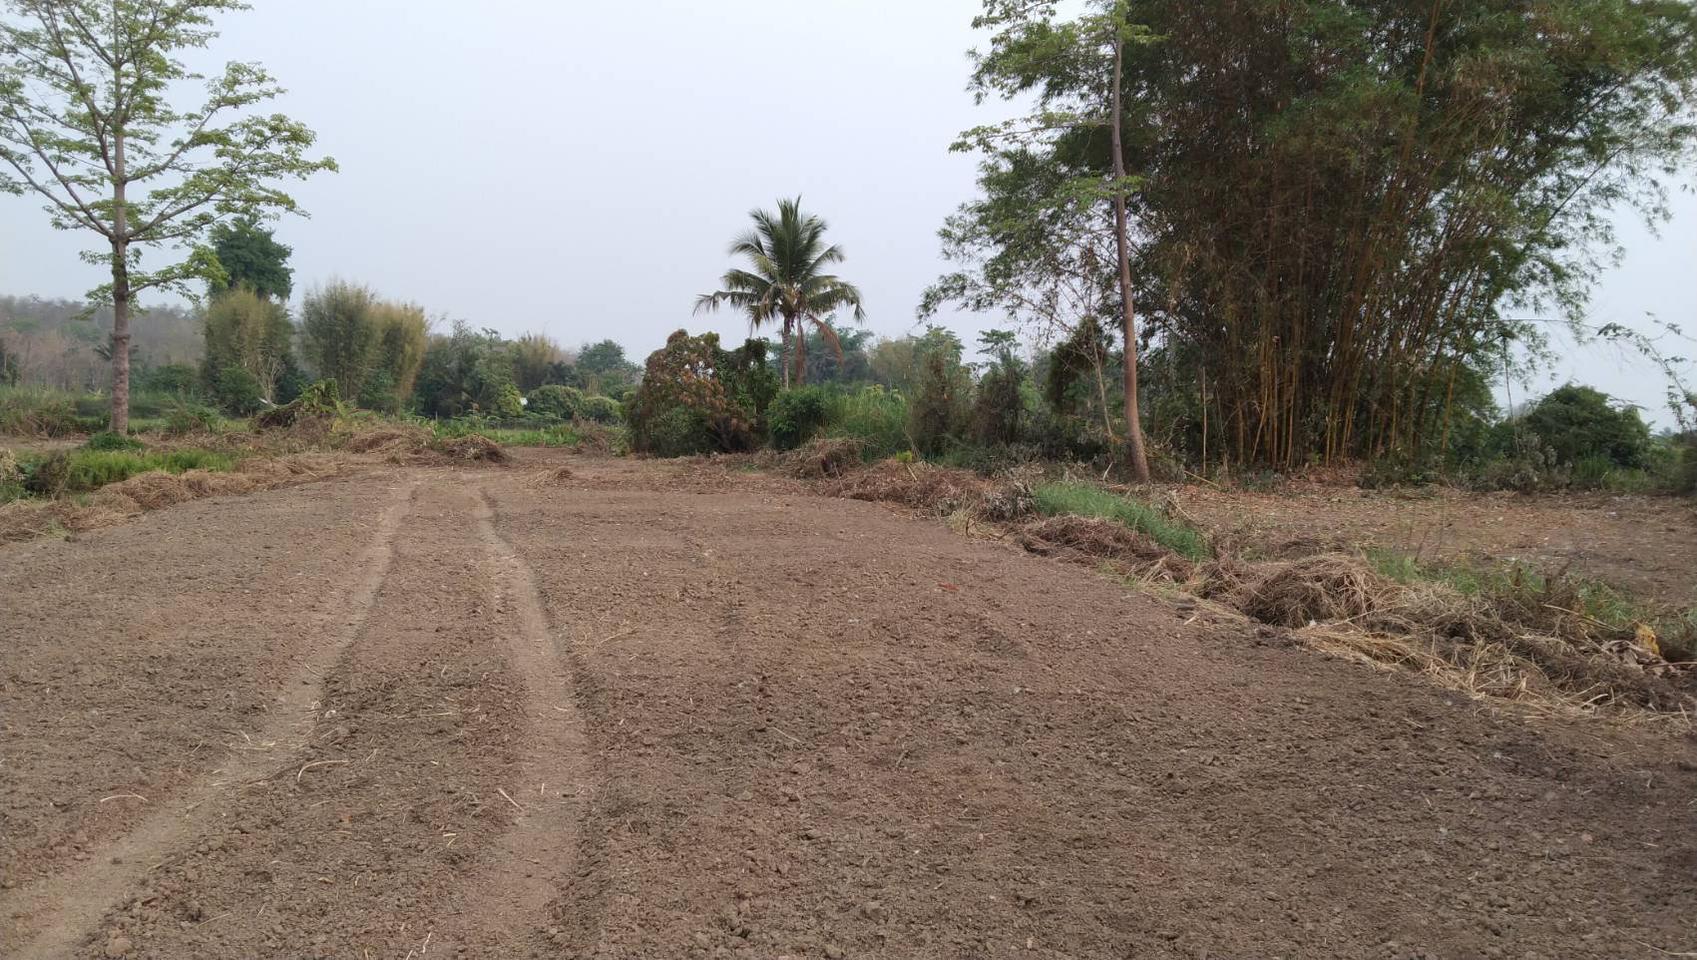 ขายที่ดิน สำหรับที่อยู่อาศัย และทำการเกษตร รูปที่ 4